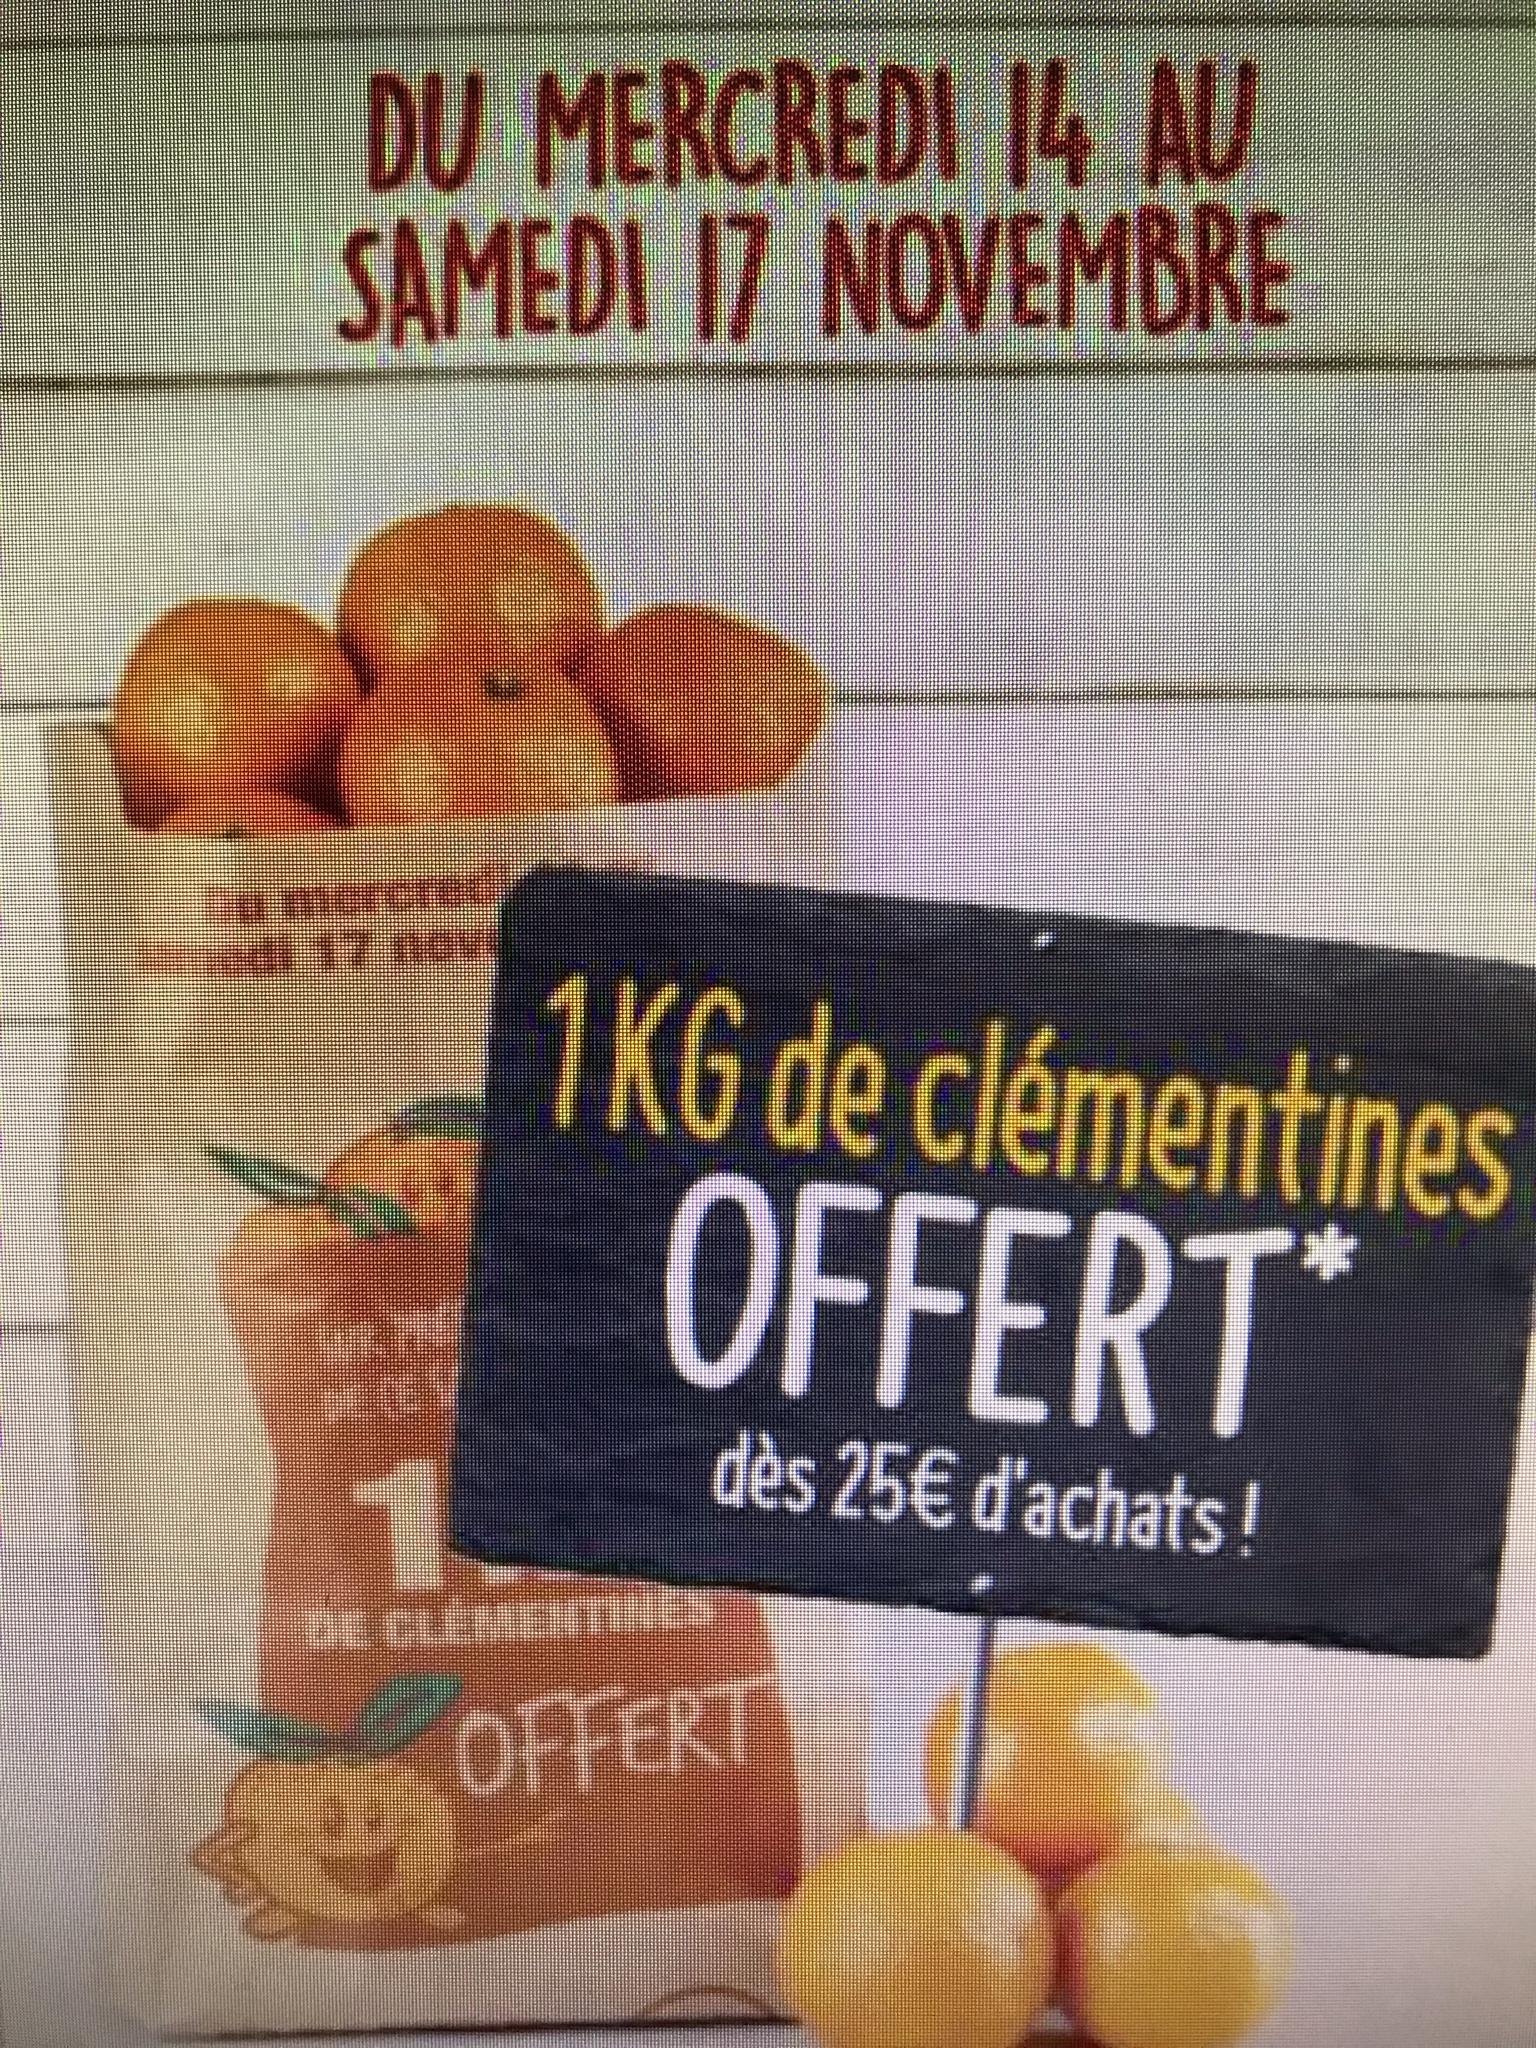 1 kg de clémentine offerts dès 25€ d'achats - Hauts de France